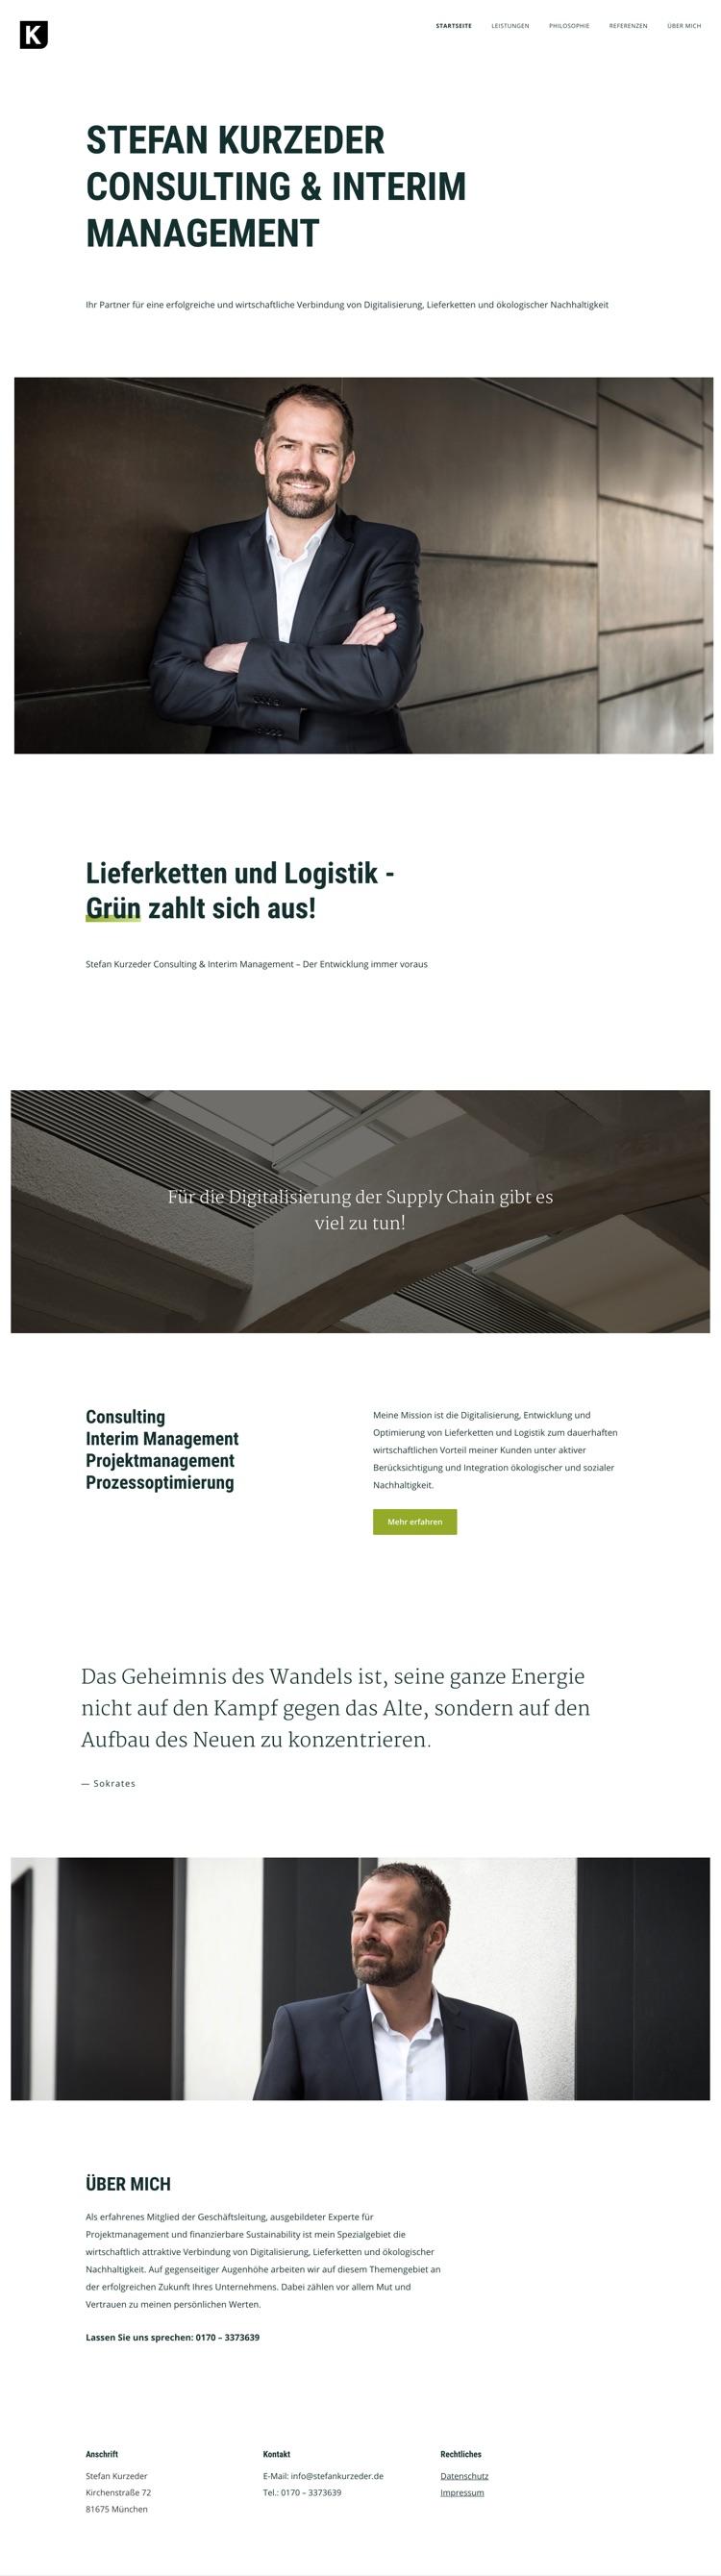 Webdesign München für Consulting & Interim Management